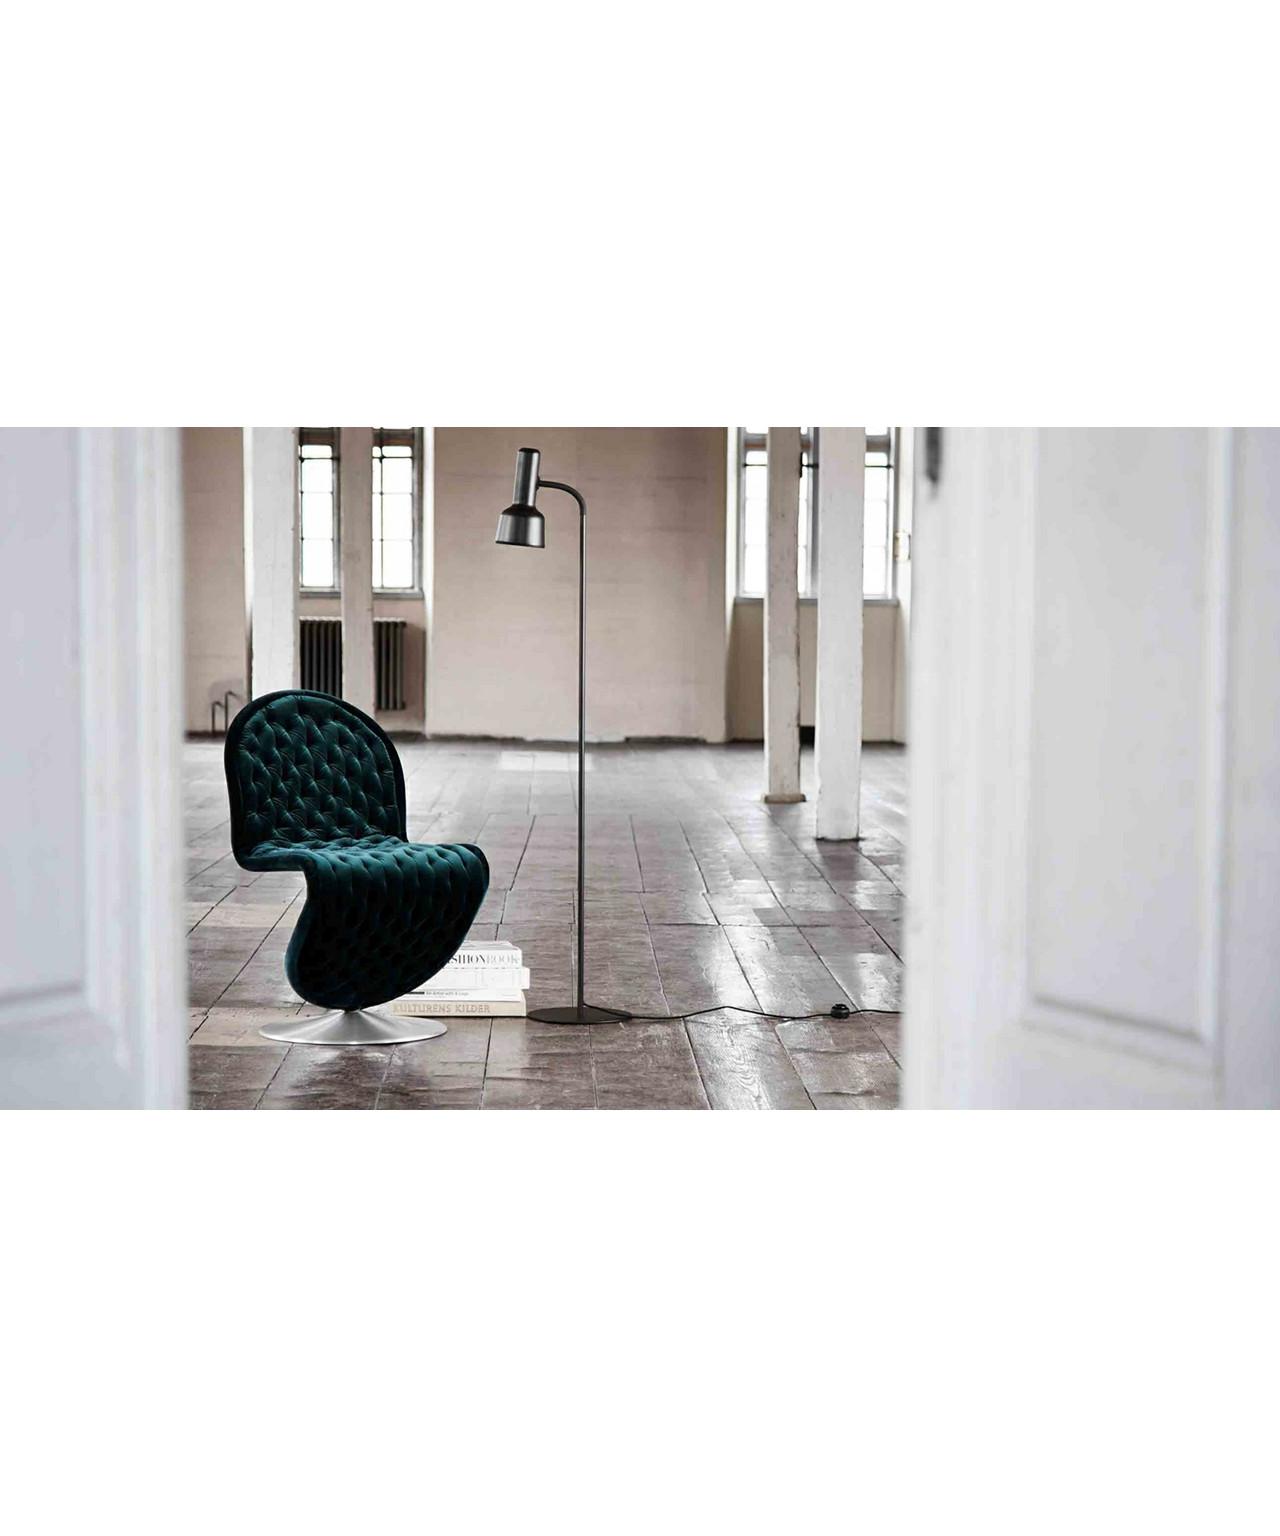 Flex Gulvlampe Messing/Sort - Frandsen